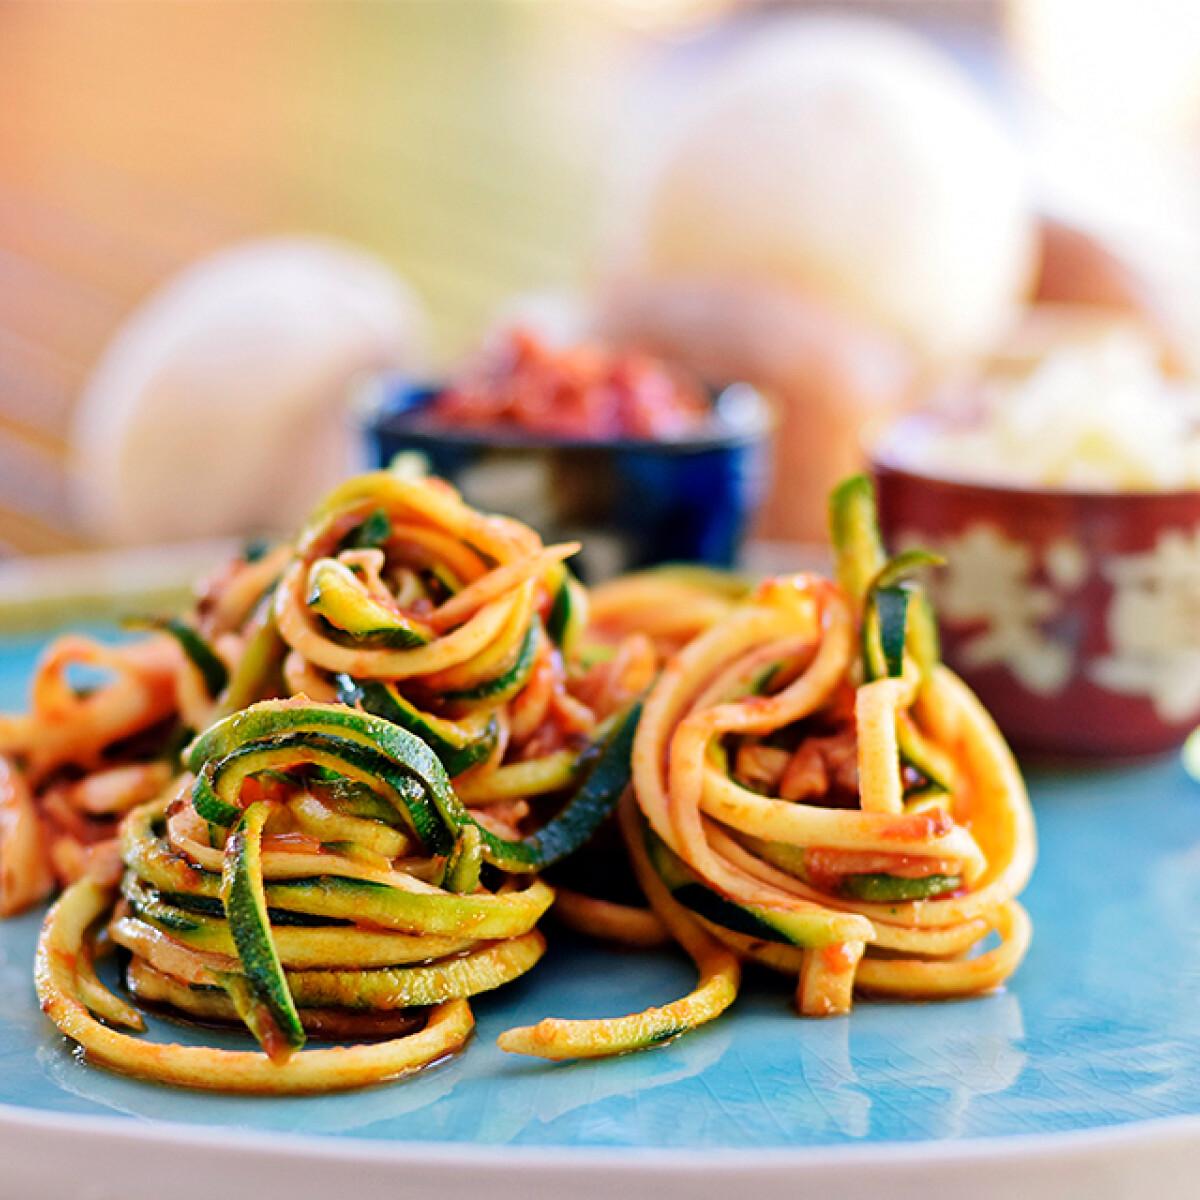 Ezen a képen: Gombás cukkinispagetti paradicsomszósszal